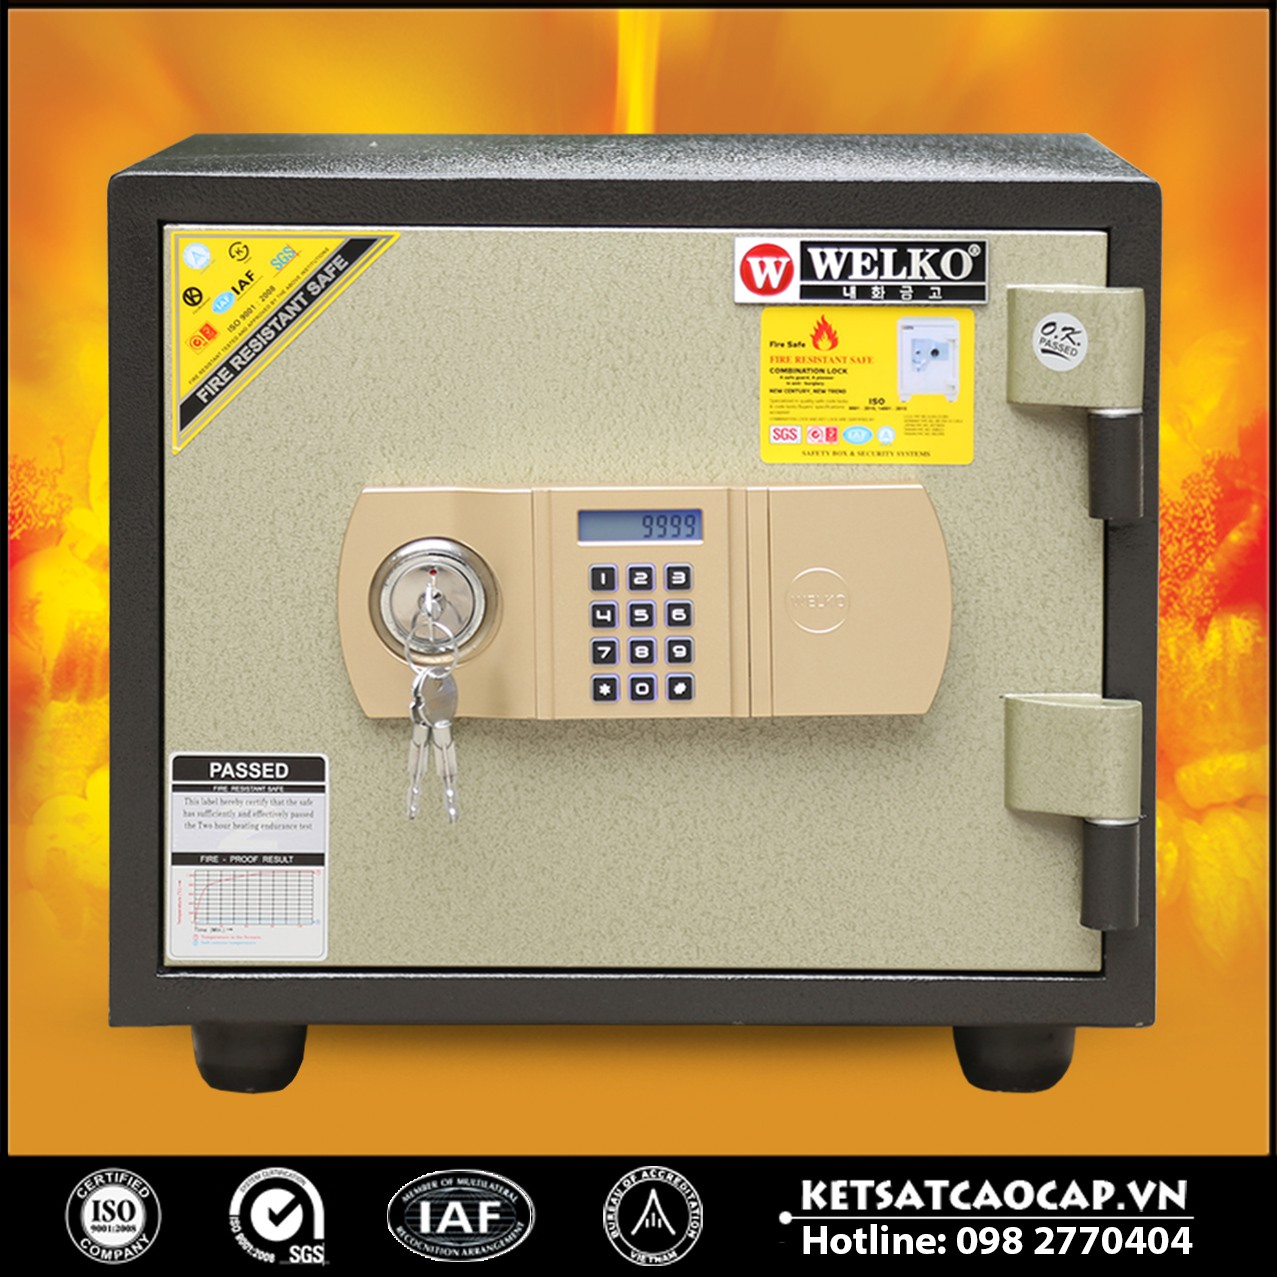 Két Sắt Chống Cháy LX600 - E Gold